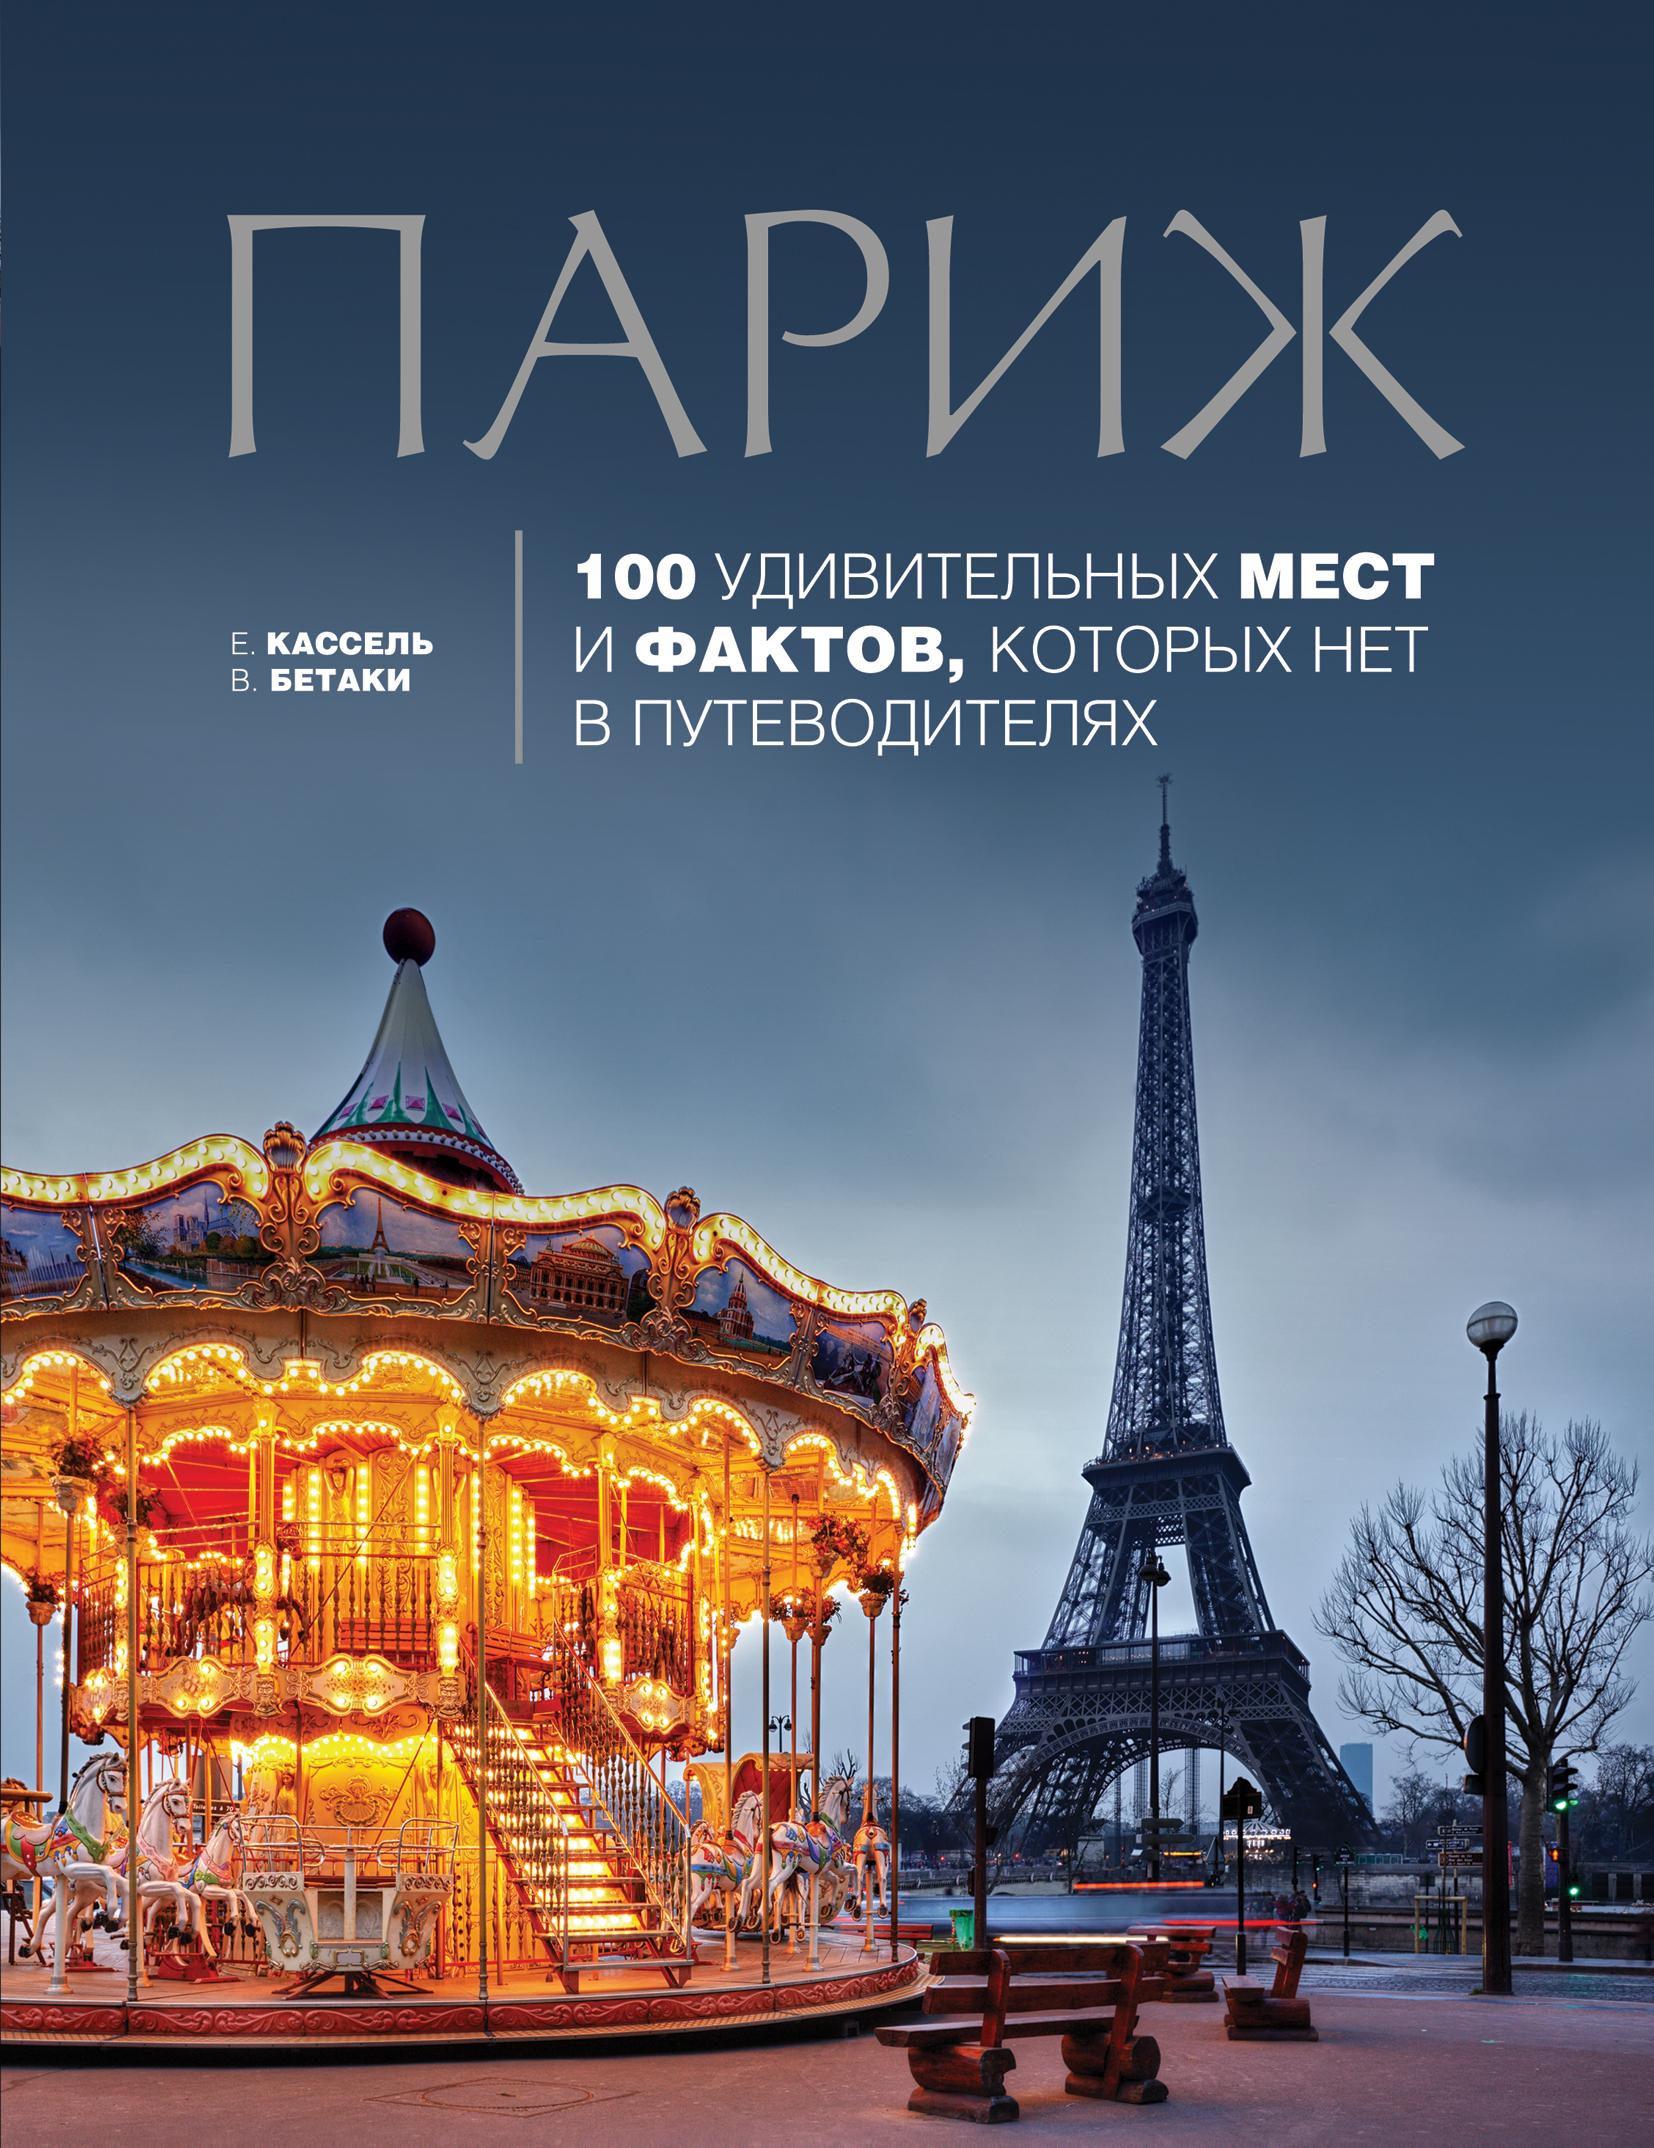 Париж. 100 удивительных мест и фактов, которых нет в путеводителях